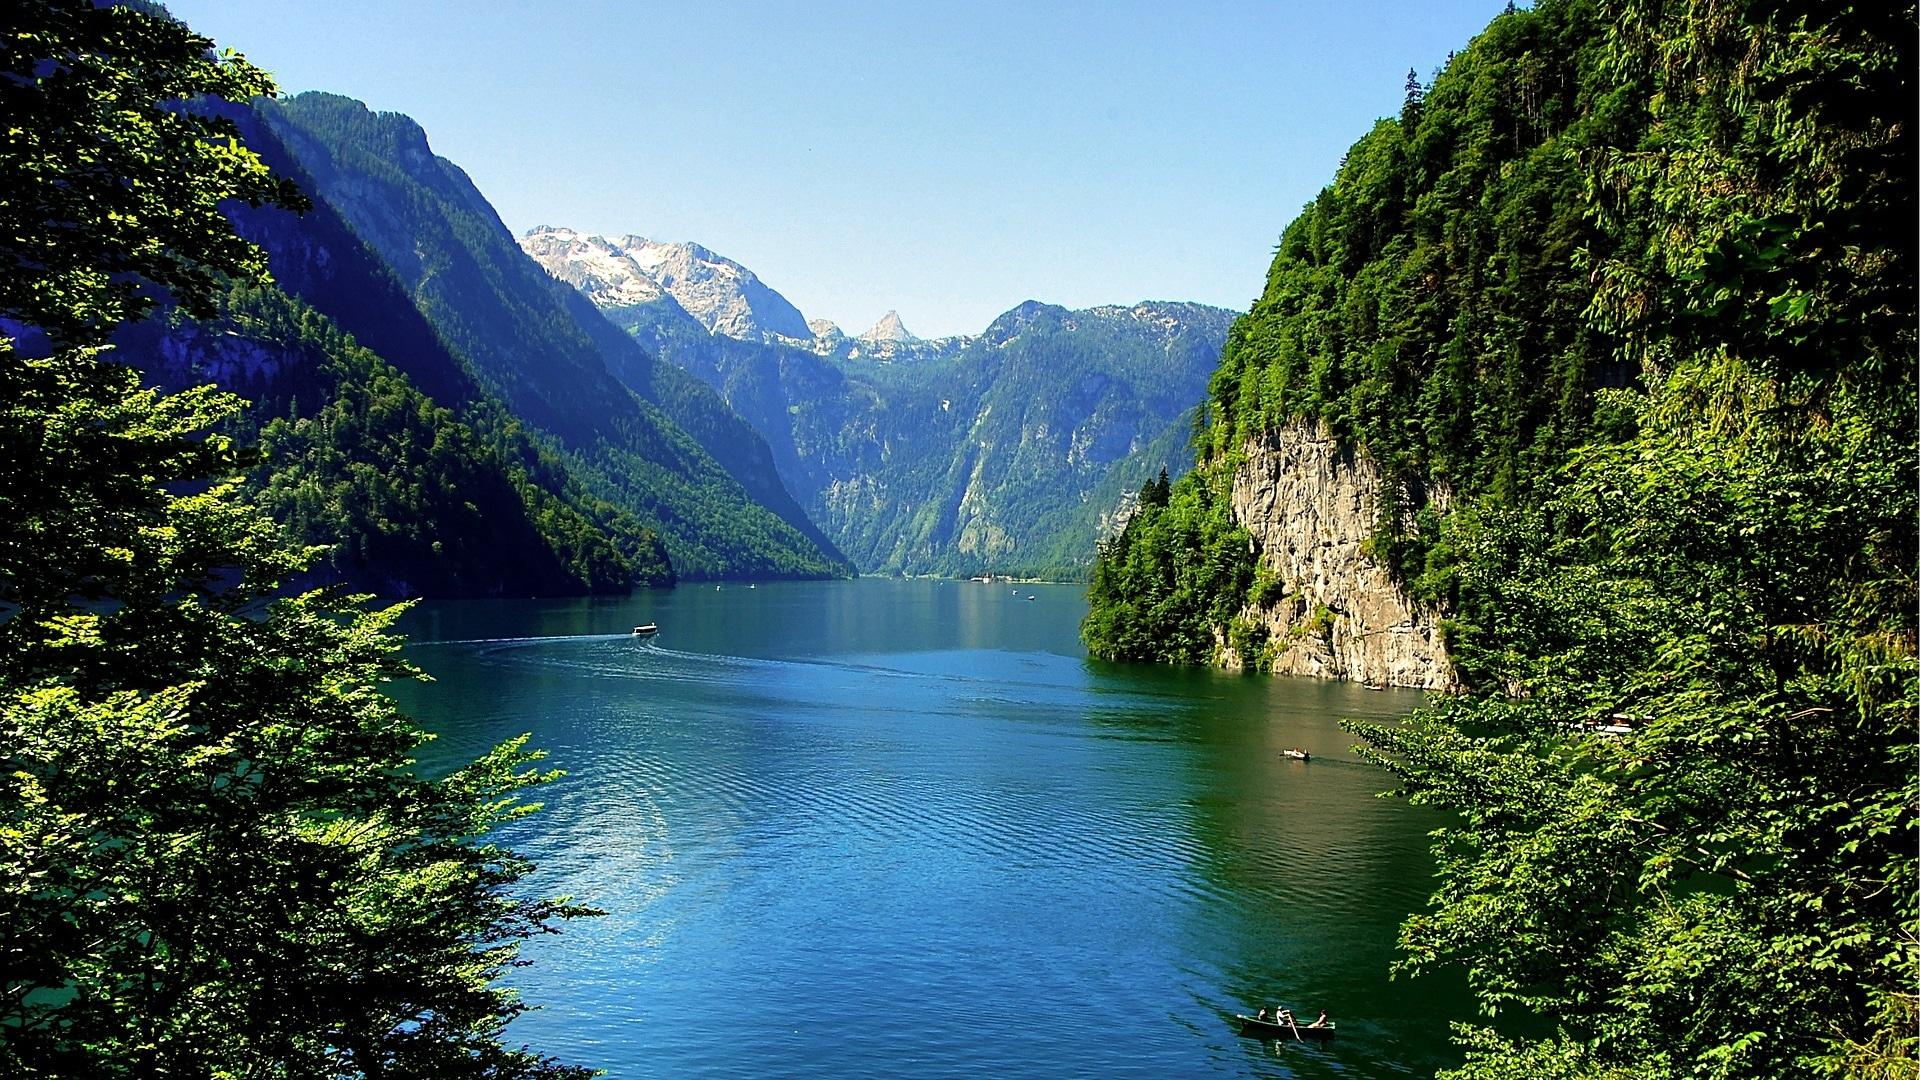 Der Königssee ist für Familien ein beliebtes Urlaubsziel in den Bergen.